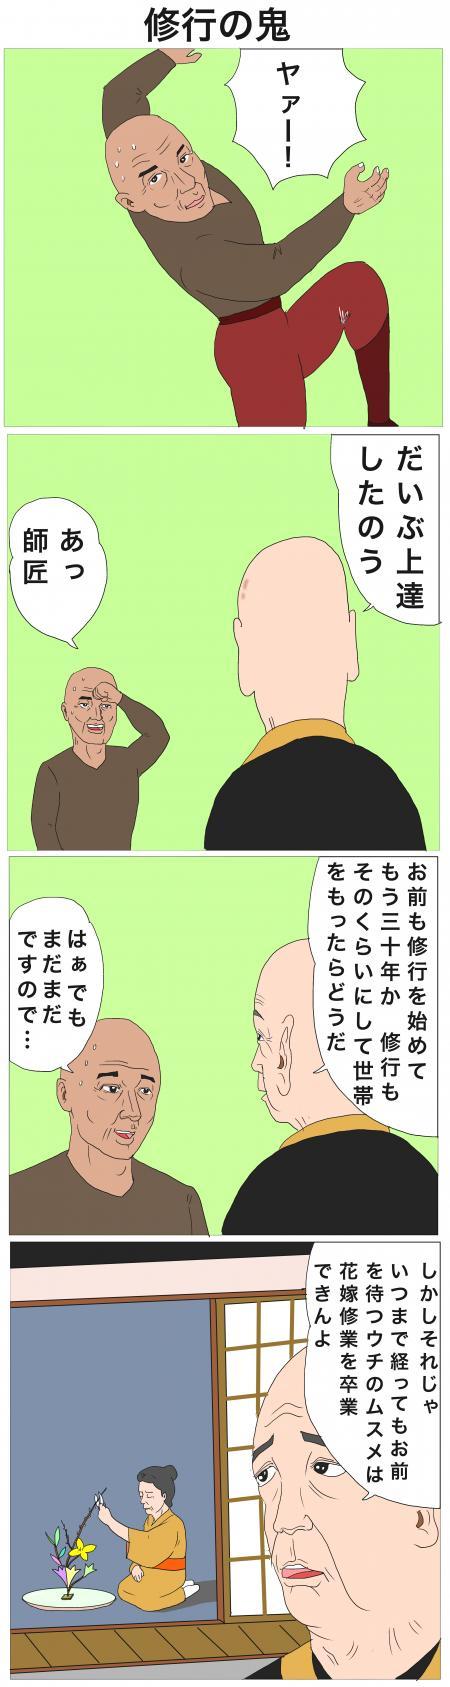 修行の鬼+のコピー_convert_20131117102424